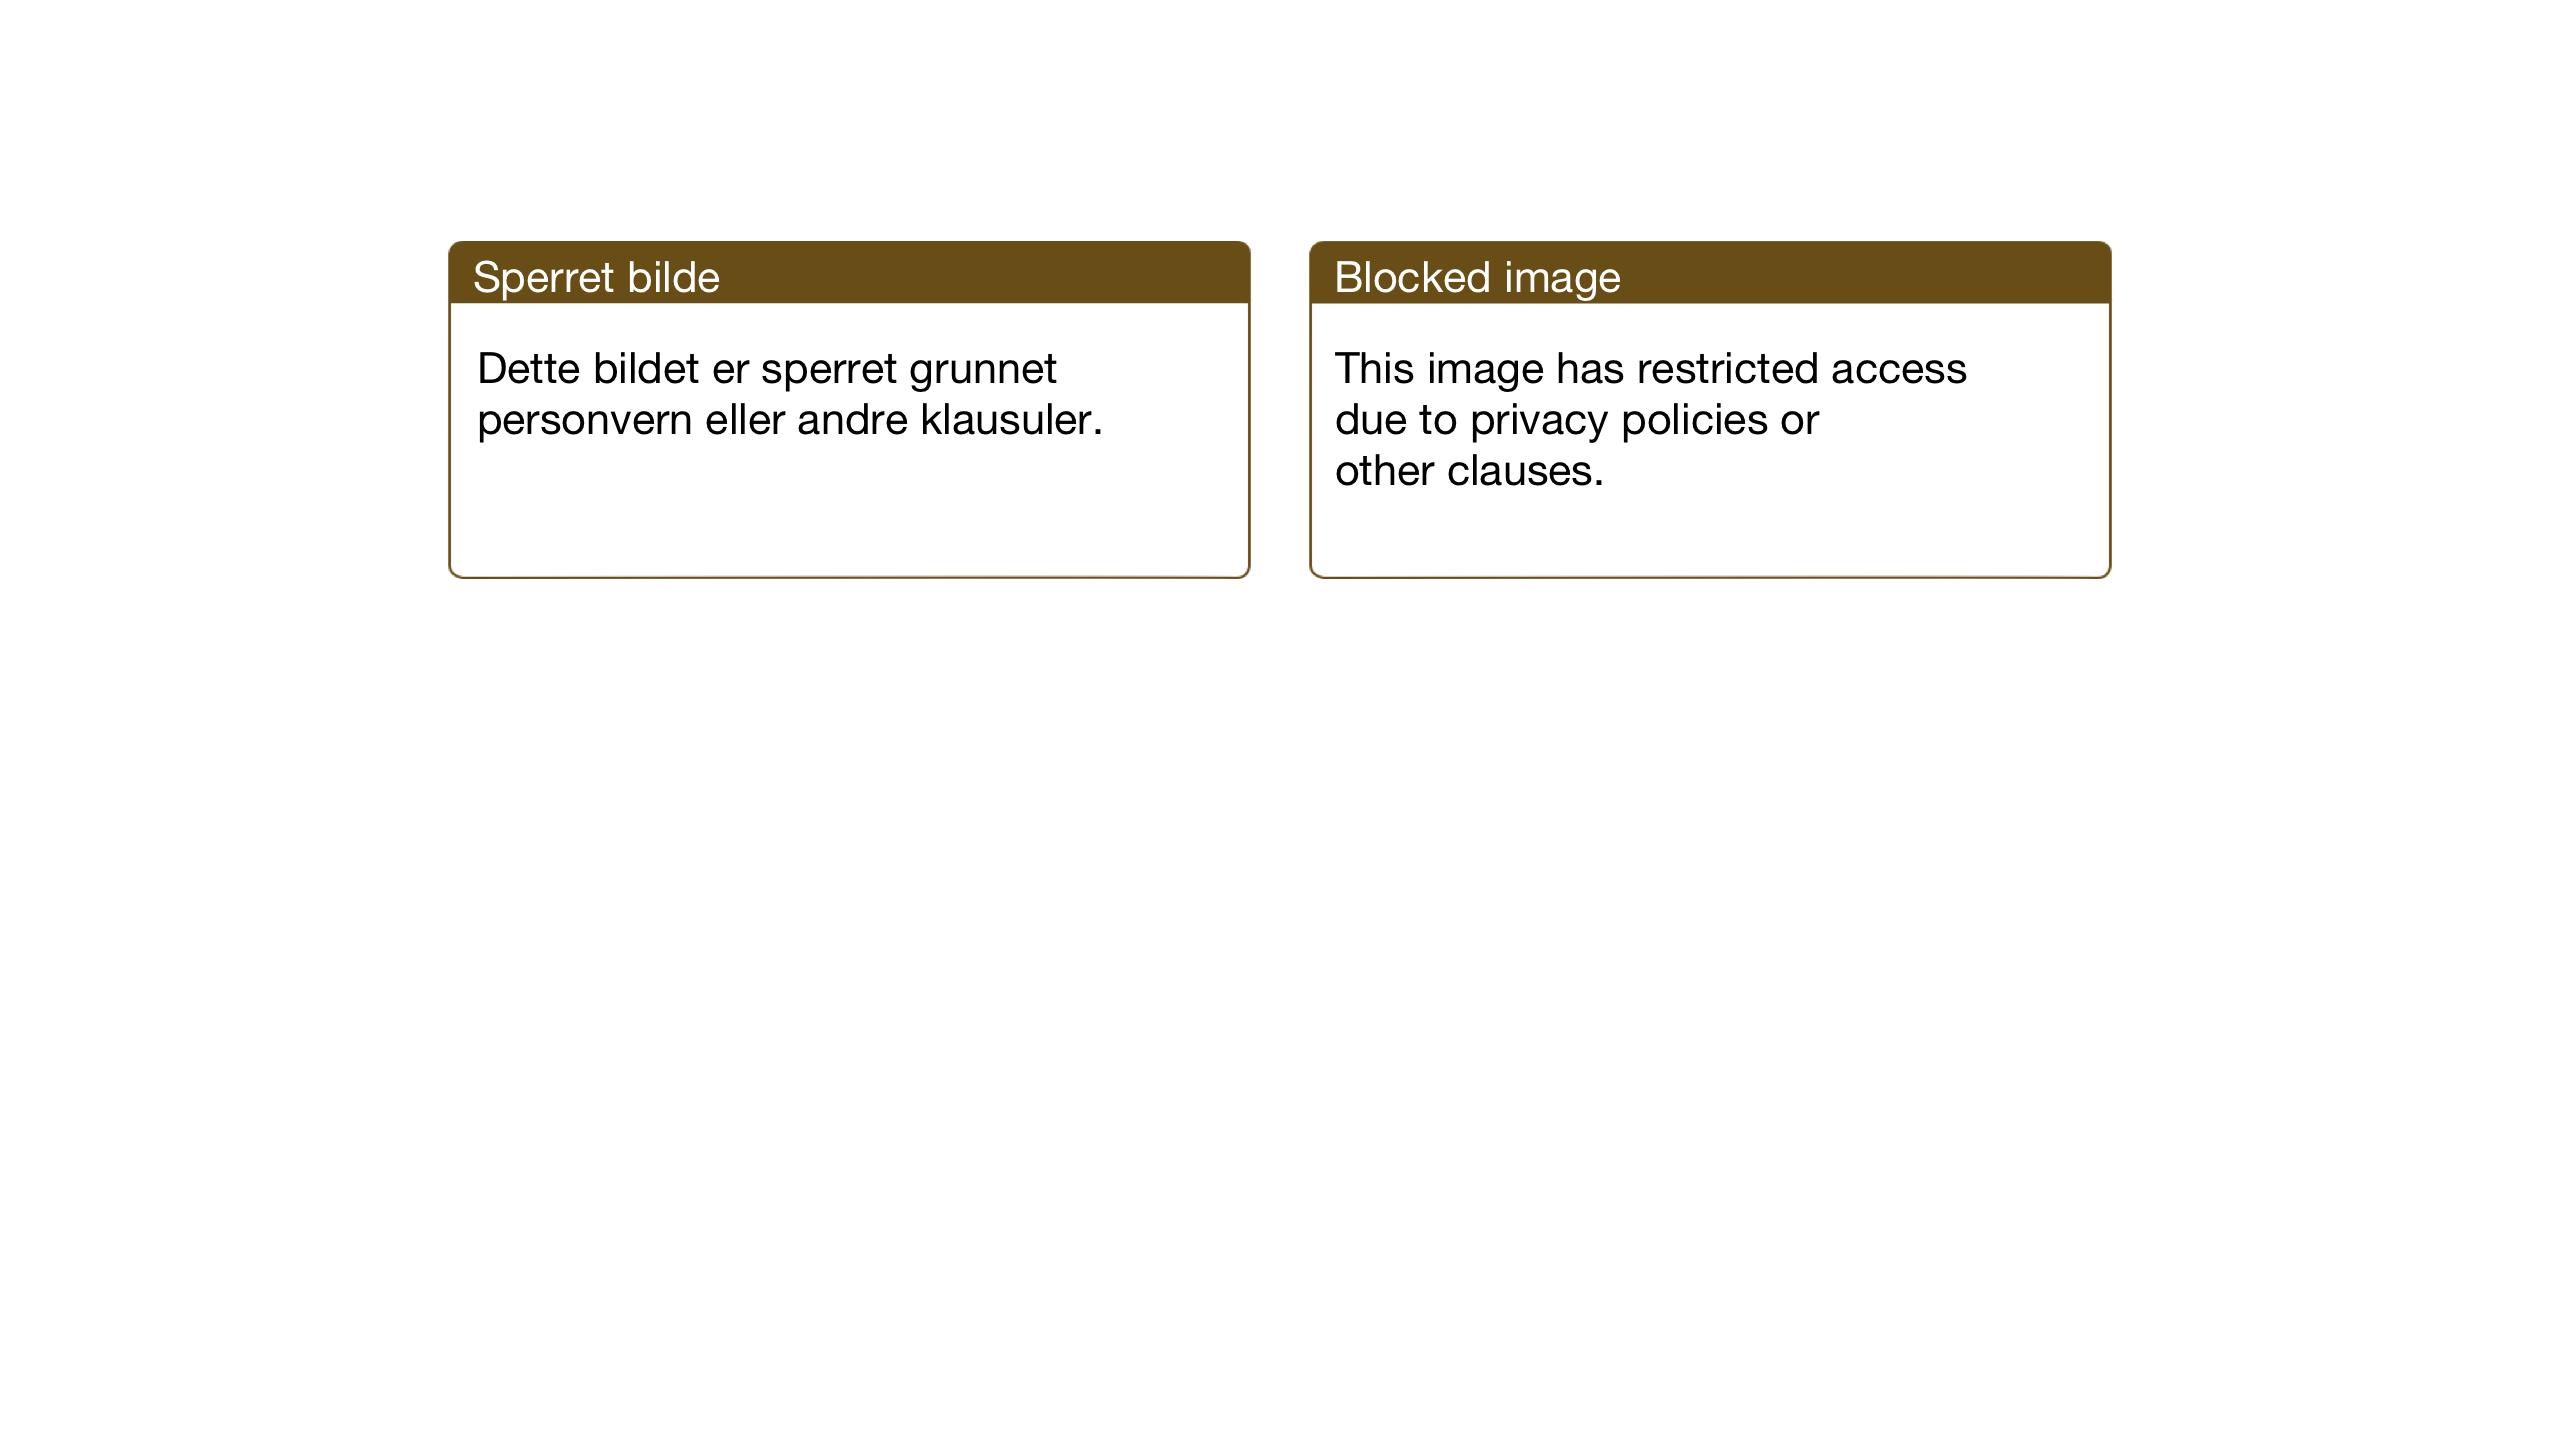 SAT, Ministerialprotokoller, klokkerbøker og fødselsregistre - Sør-Trøndelag, 602/L0151: Klokkerbok nr. 602C19, 1925-1951, s. 101